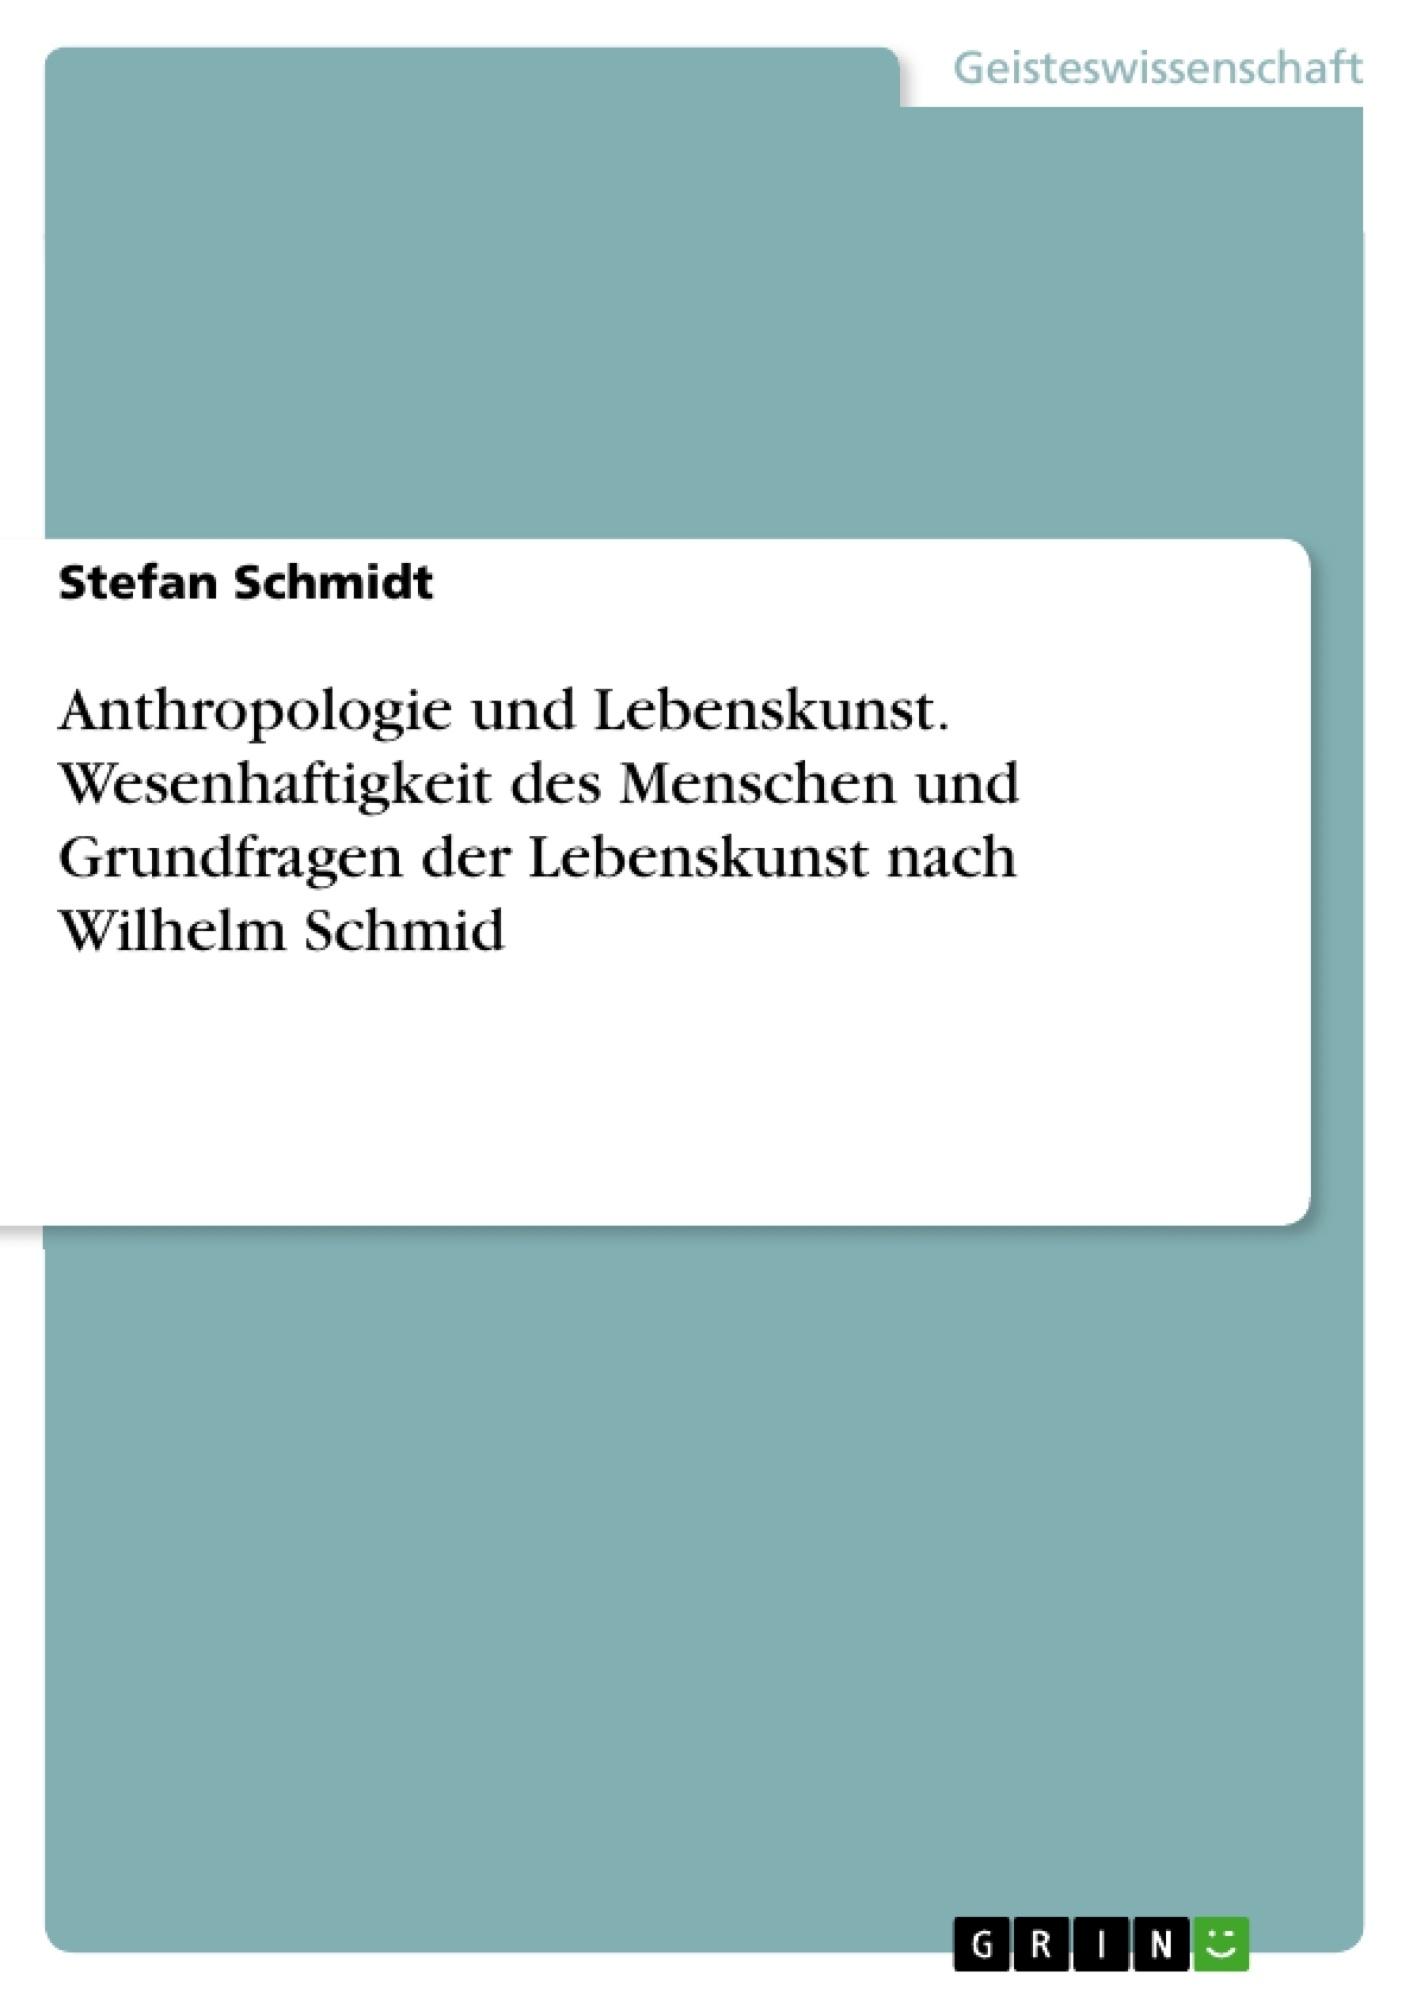 Titel: Anthropologie und Lebenskunst. Wesenhaftigkeit des Menschen und Grundfragen der Lebenskunst nach Wilhelm Schmid